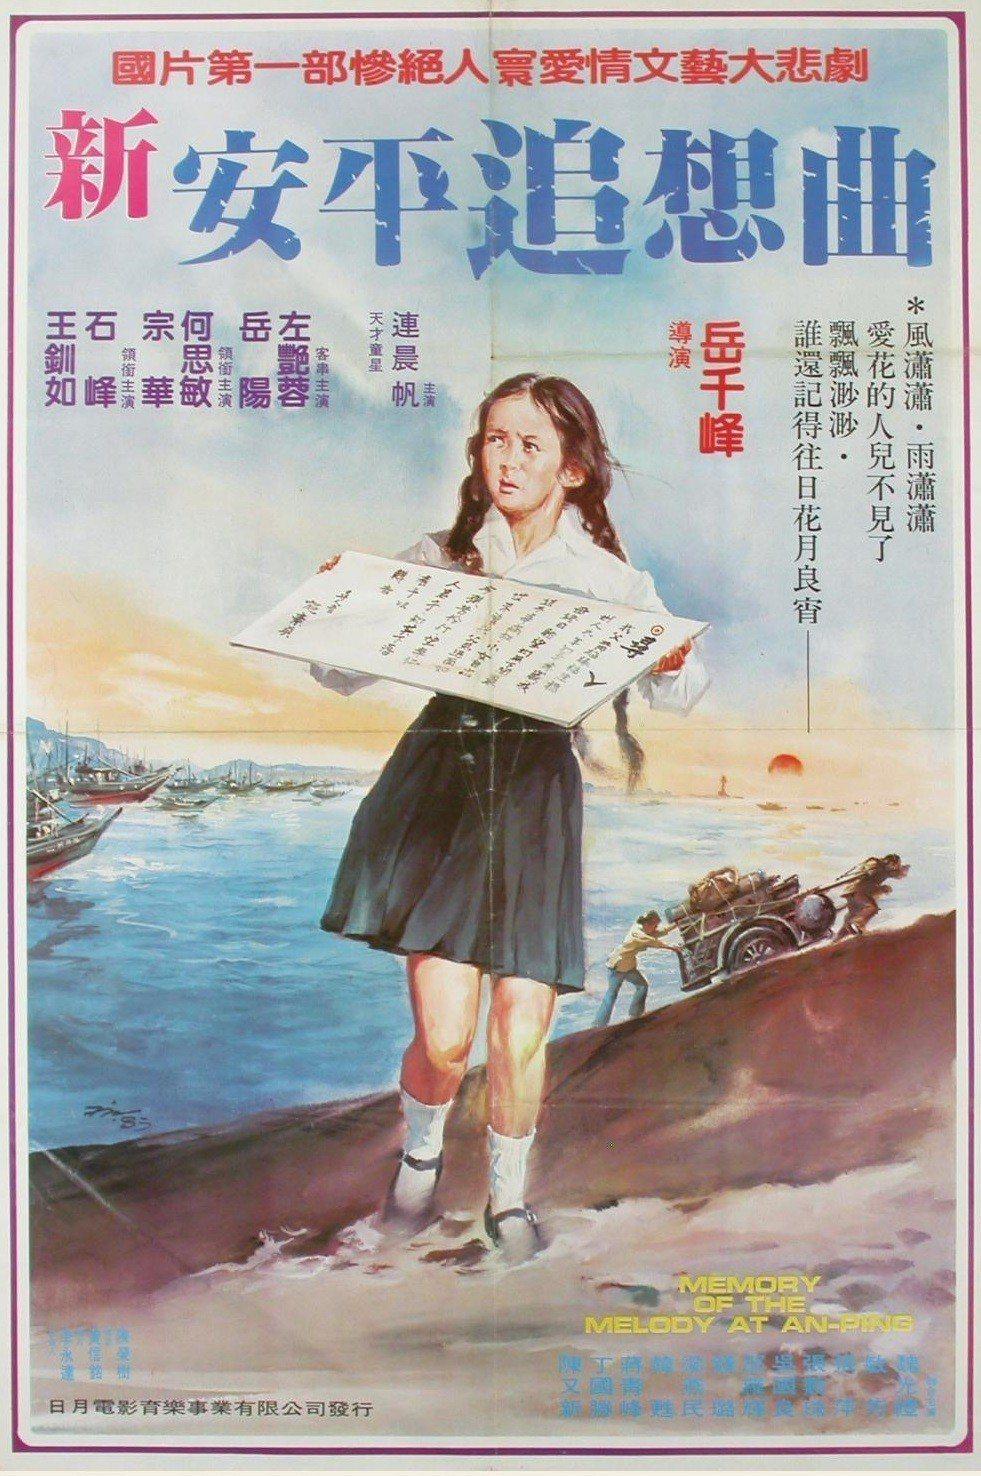 安平追想曲多次被改編電影,圖為1978年版本的「新安平追想曲」海報。(臺史博館藏...